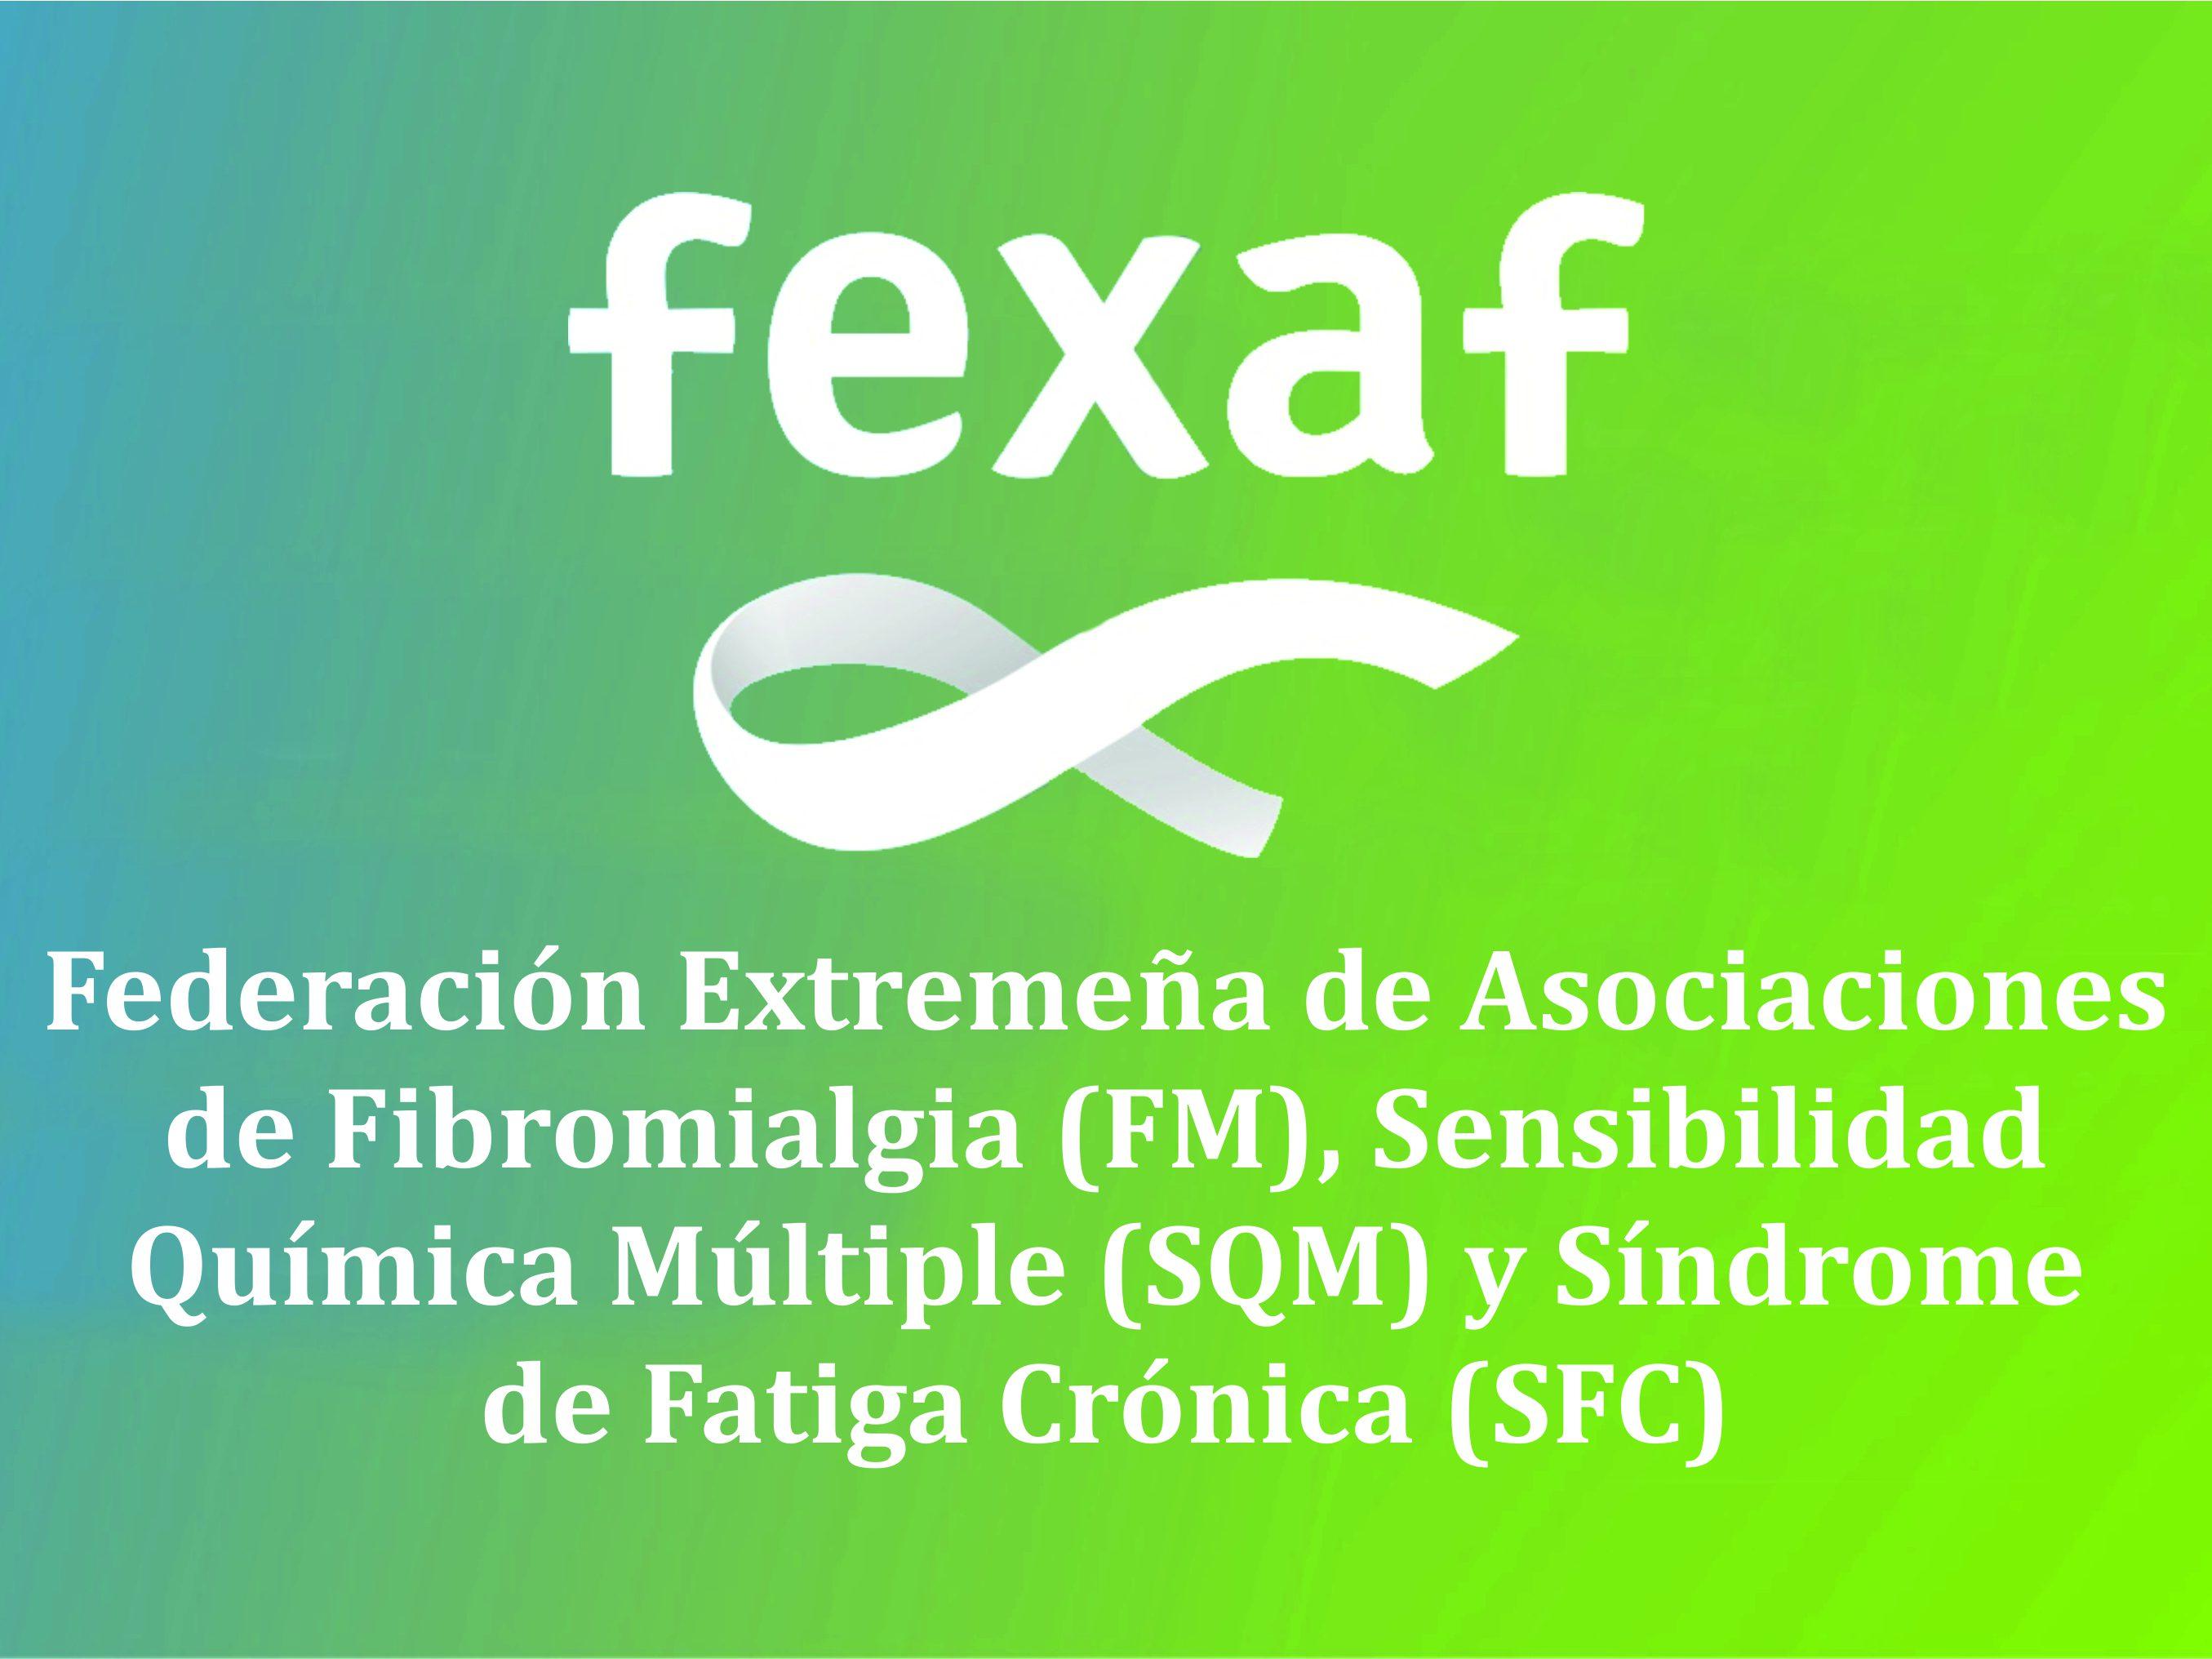 FEXAF